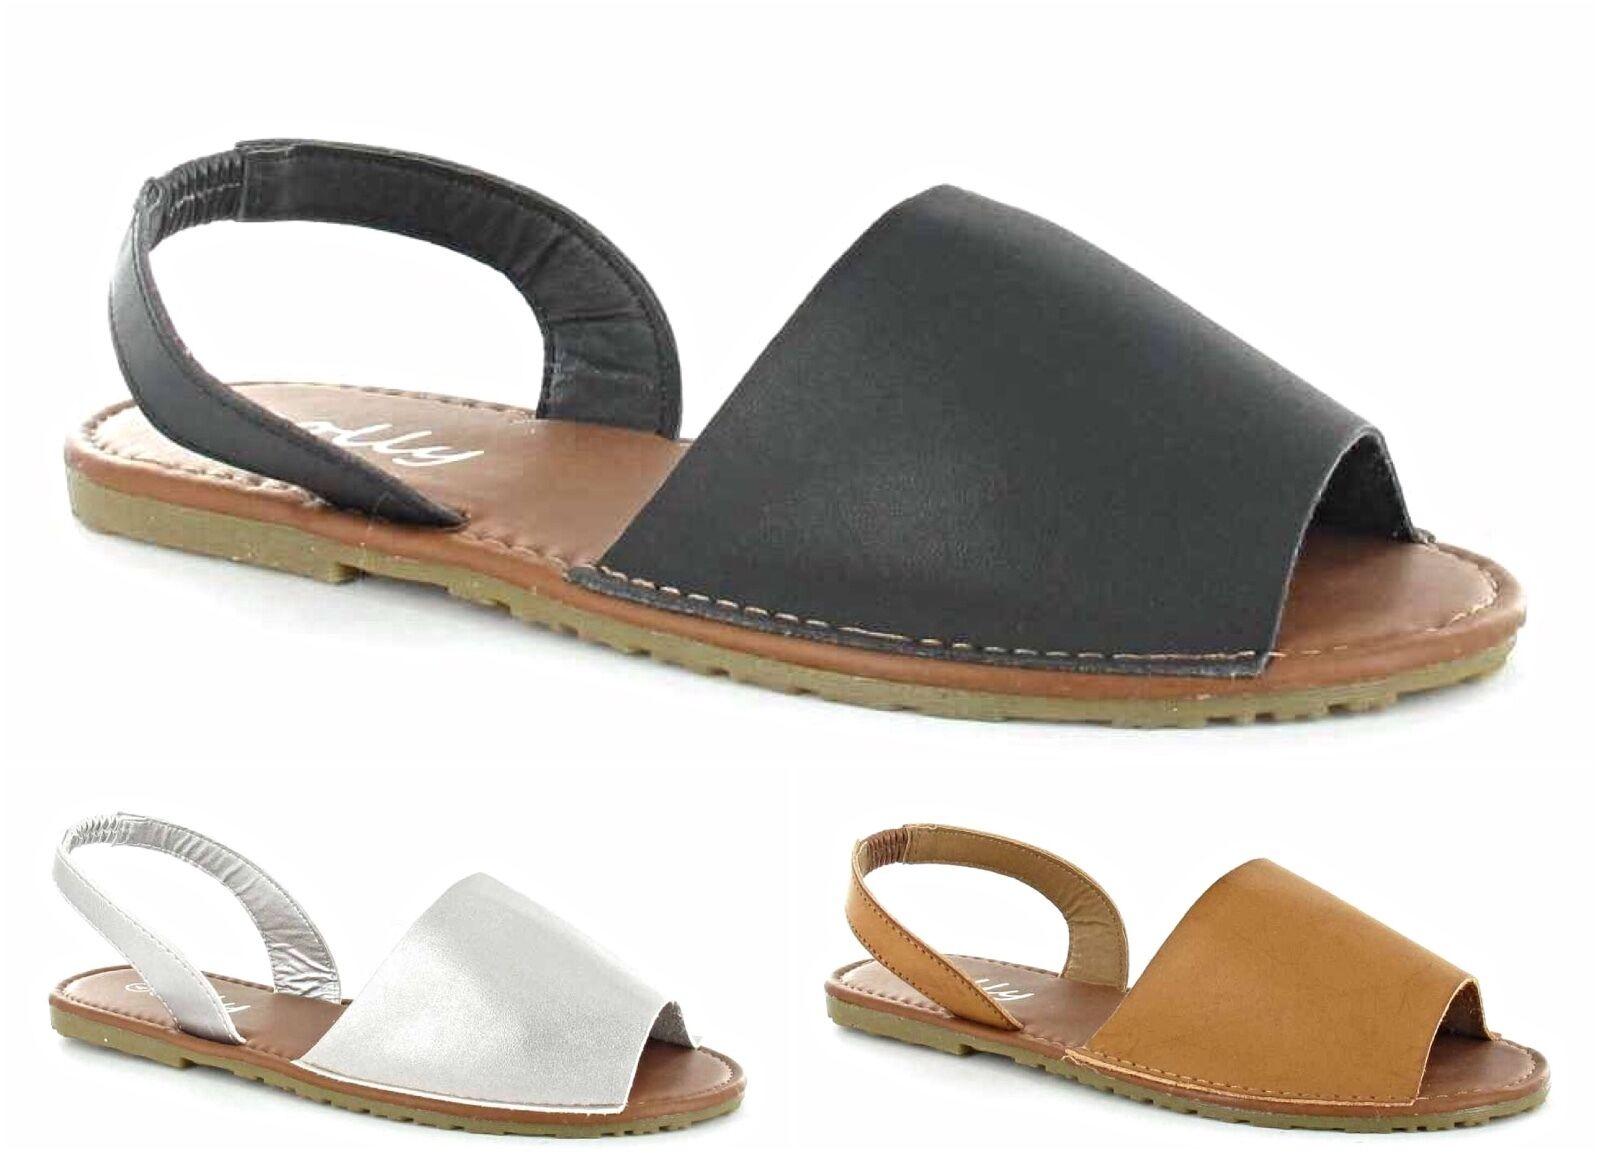 Mujer menorquino Sandalias Verano PALMA TIRA TRASERA FLIP SOLAPA PLAYA PALMA Verano Zapatos 176e62